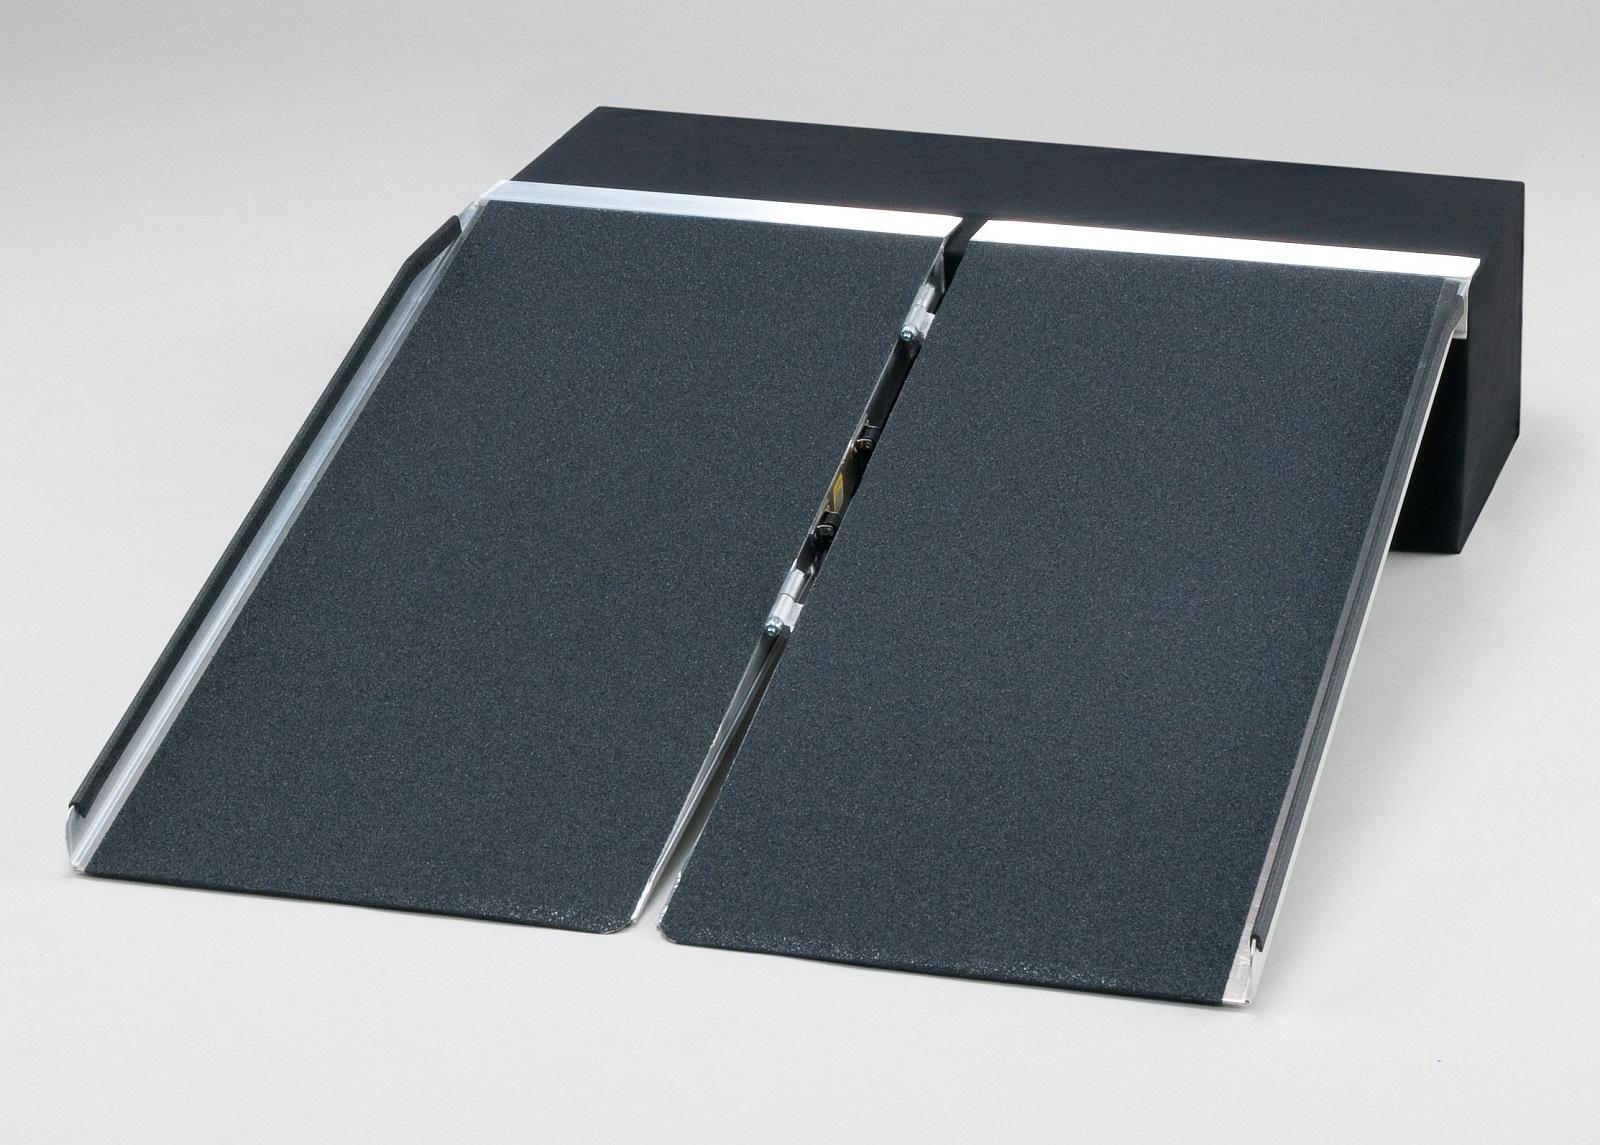 【施設配送限定・個人宅不可】ポータブルスロープ アルミ2折式2.4タイプ PVS240 車椅子/車いす/車イス/段差解消/介護/折りたたみ/折り畳み